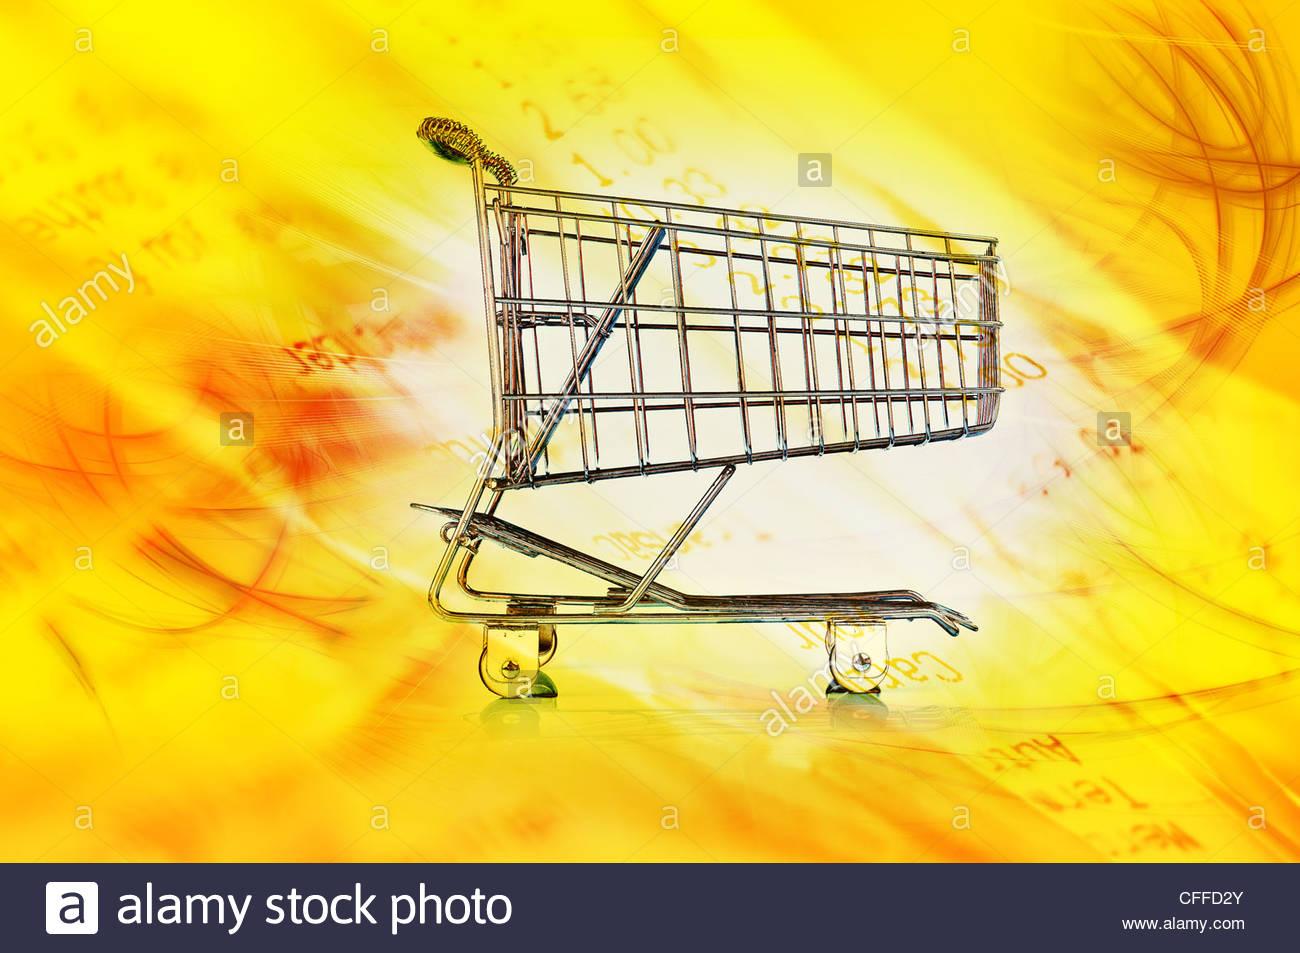 shopping cart image Stock Photo